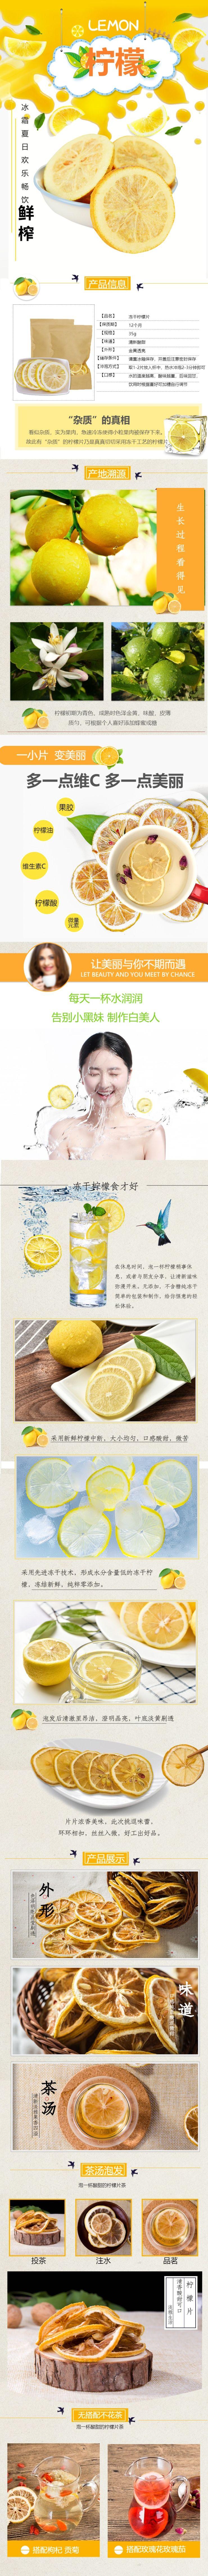 清新简约百货零售水果柠檬冻干片茶促销电商详情页